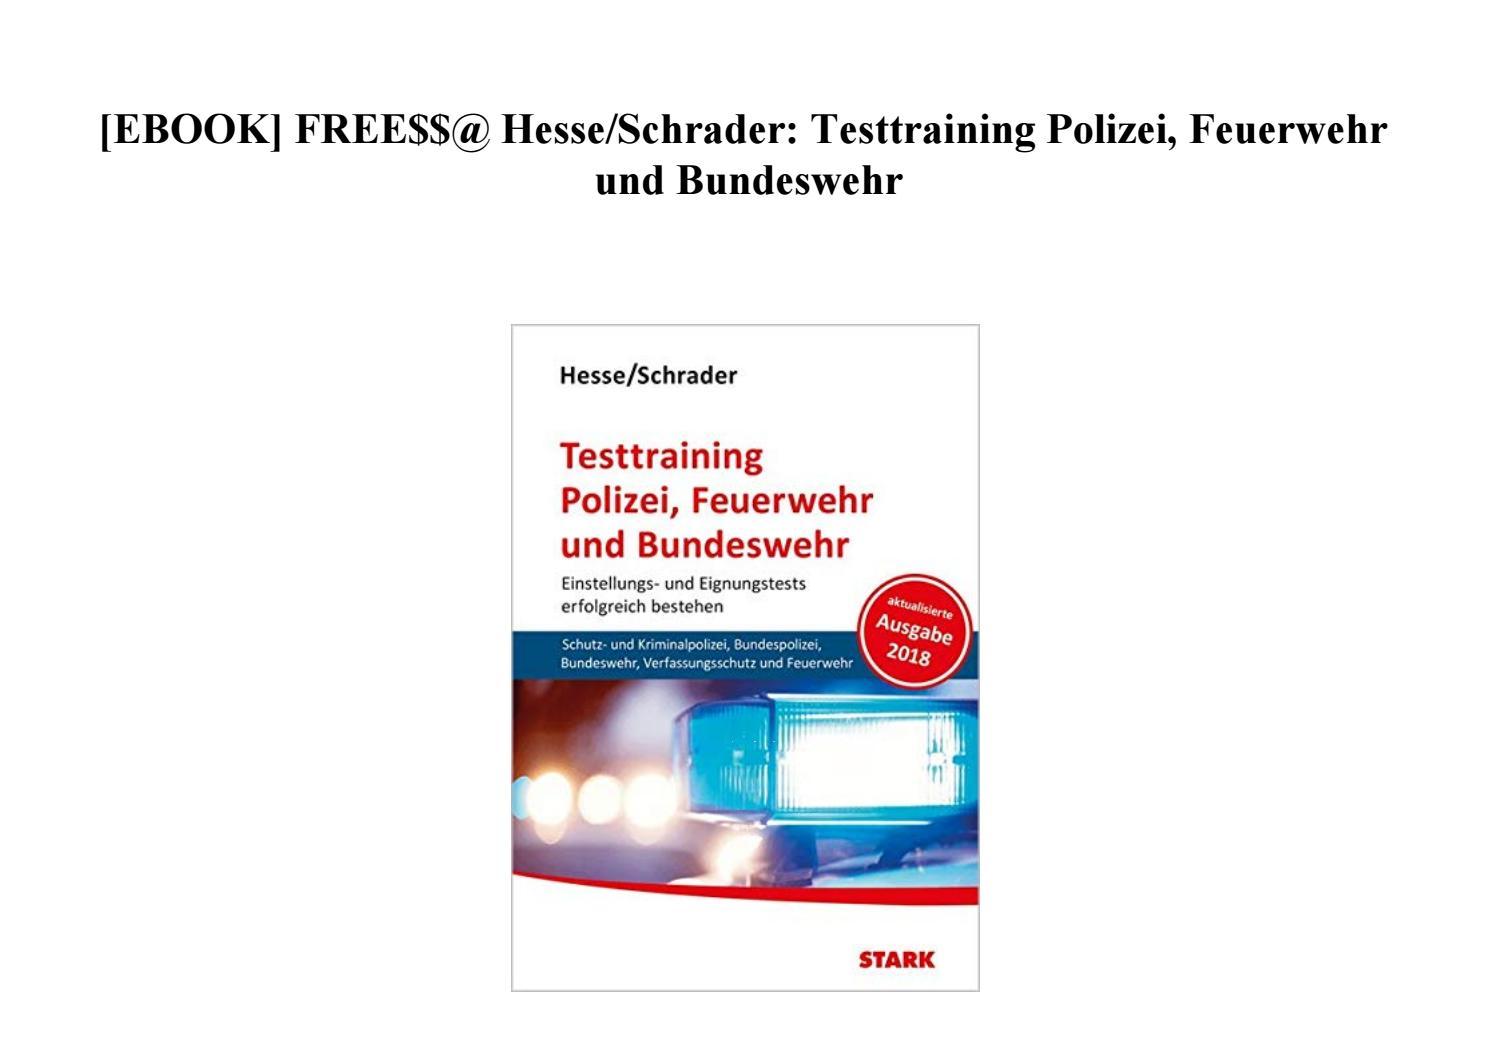 Hesse Schrader Ebook